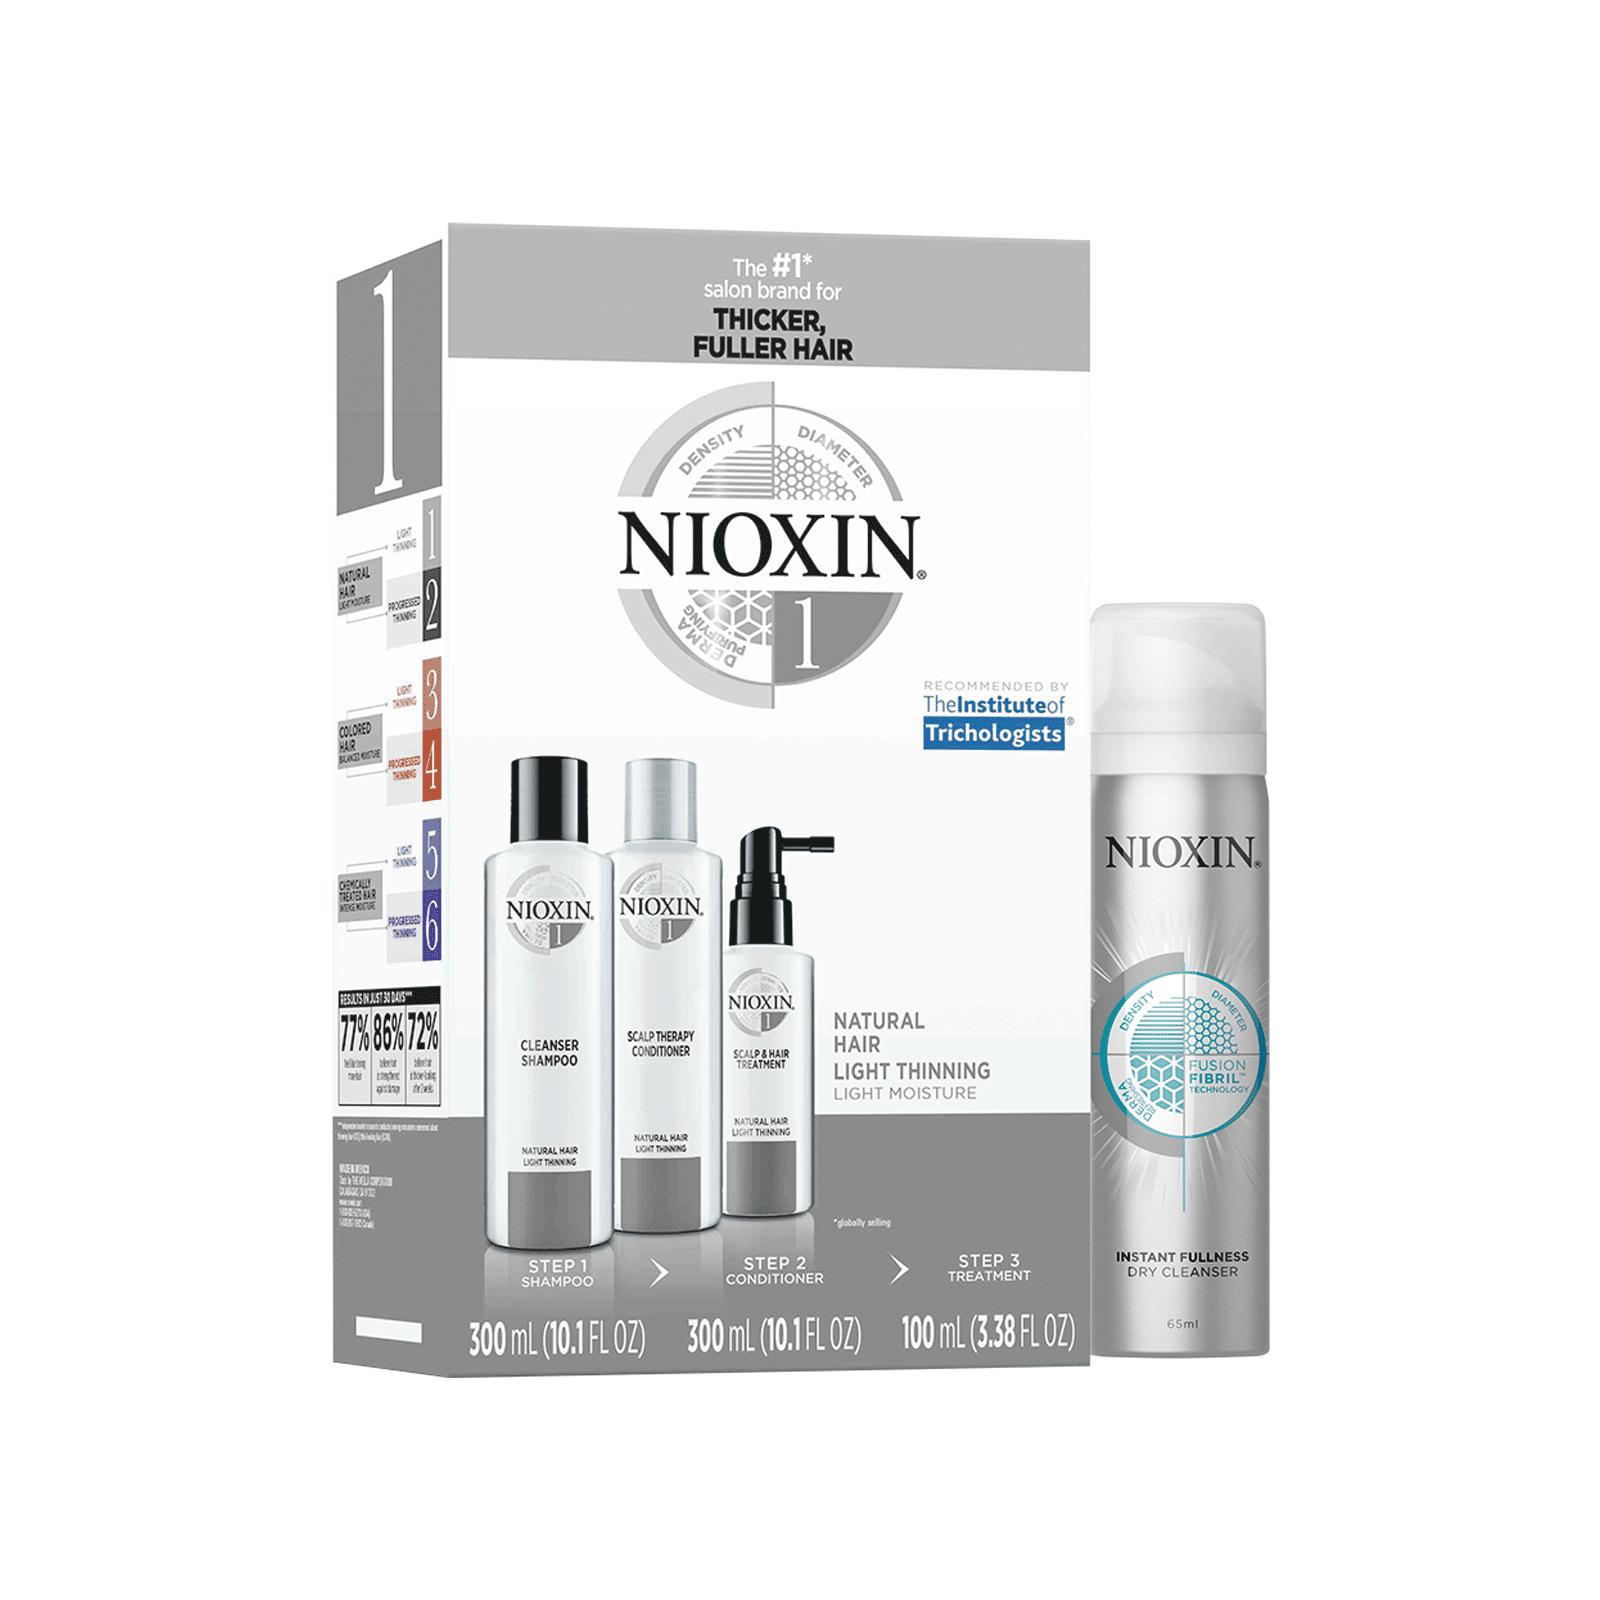 System Kit 1 Instant Fullness Dry Cleanser Nioxin